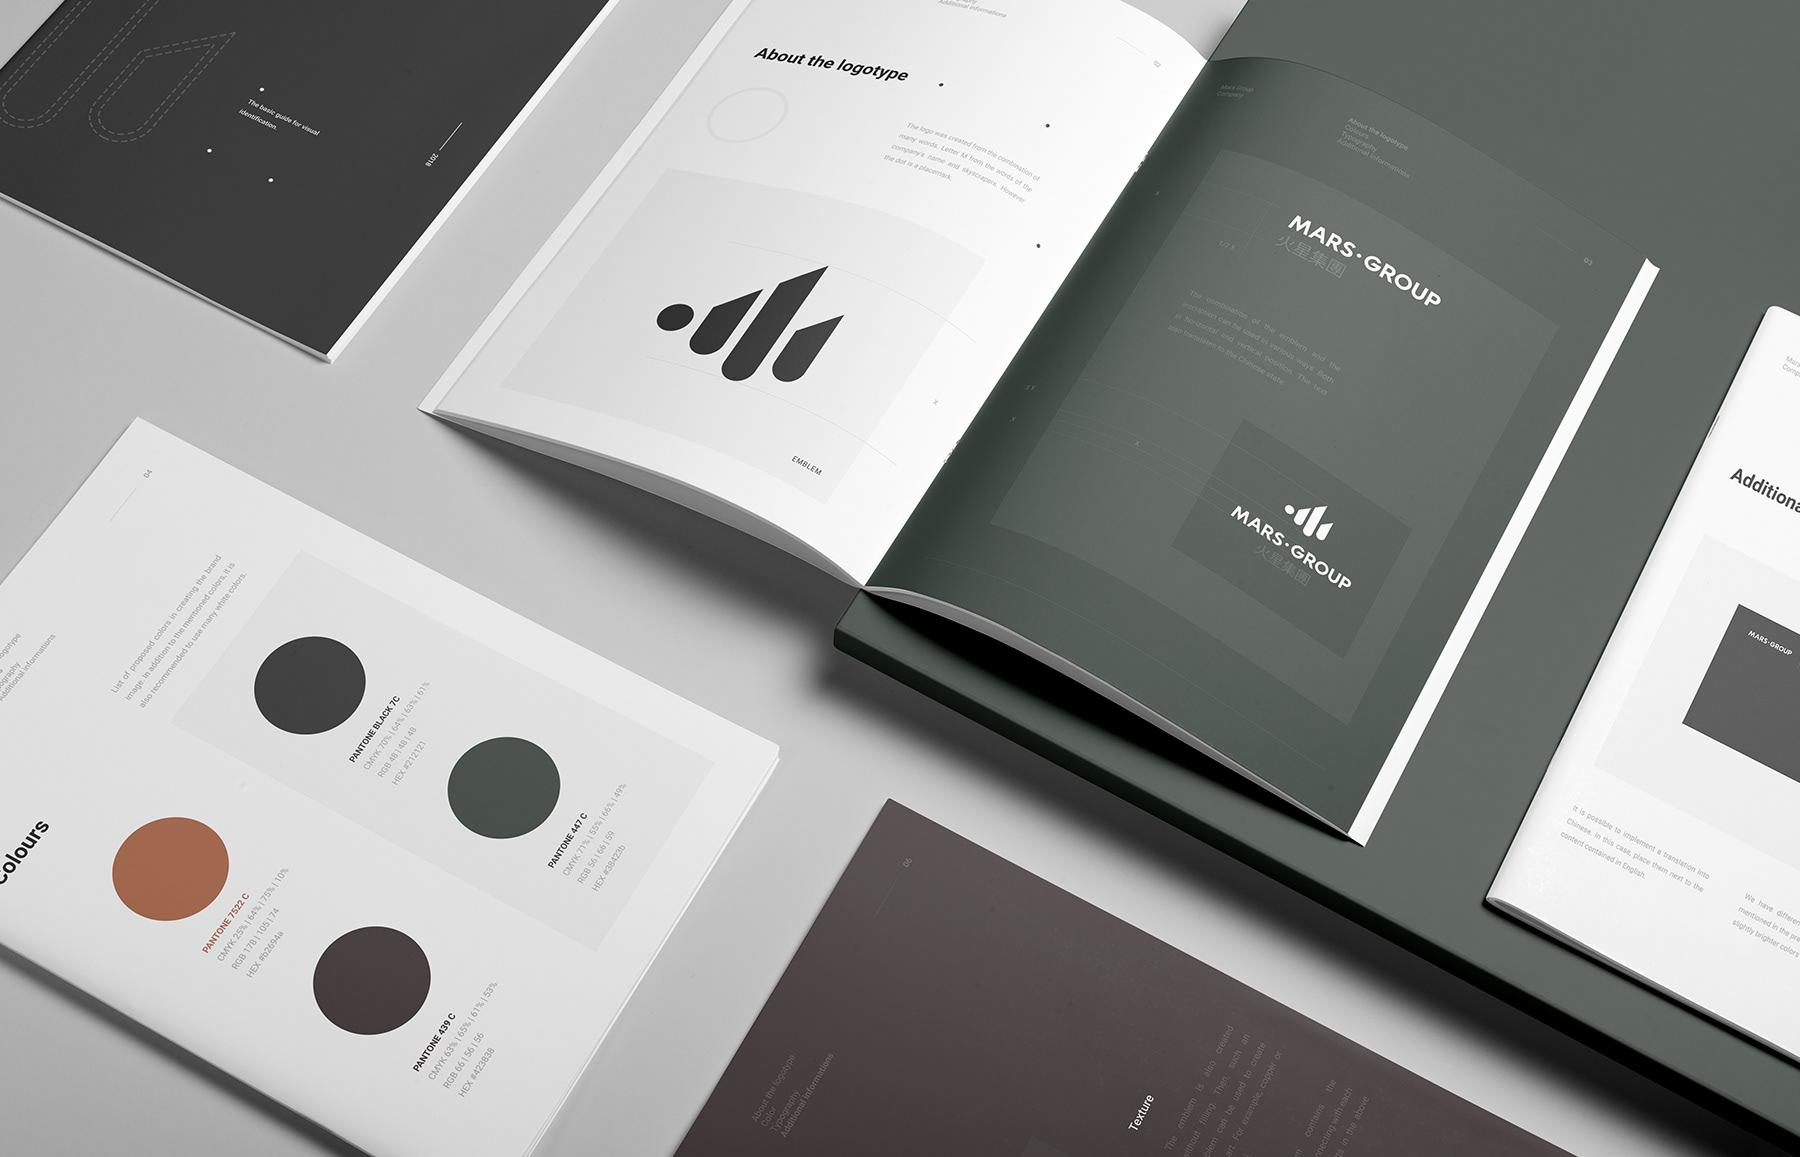 火星集团有限公司 – BIM解决方案品牌 Mars Group LTD. – BIM solutions Branding插图(12)